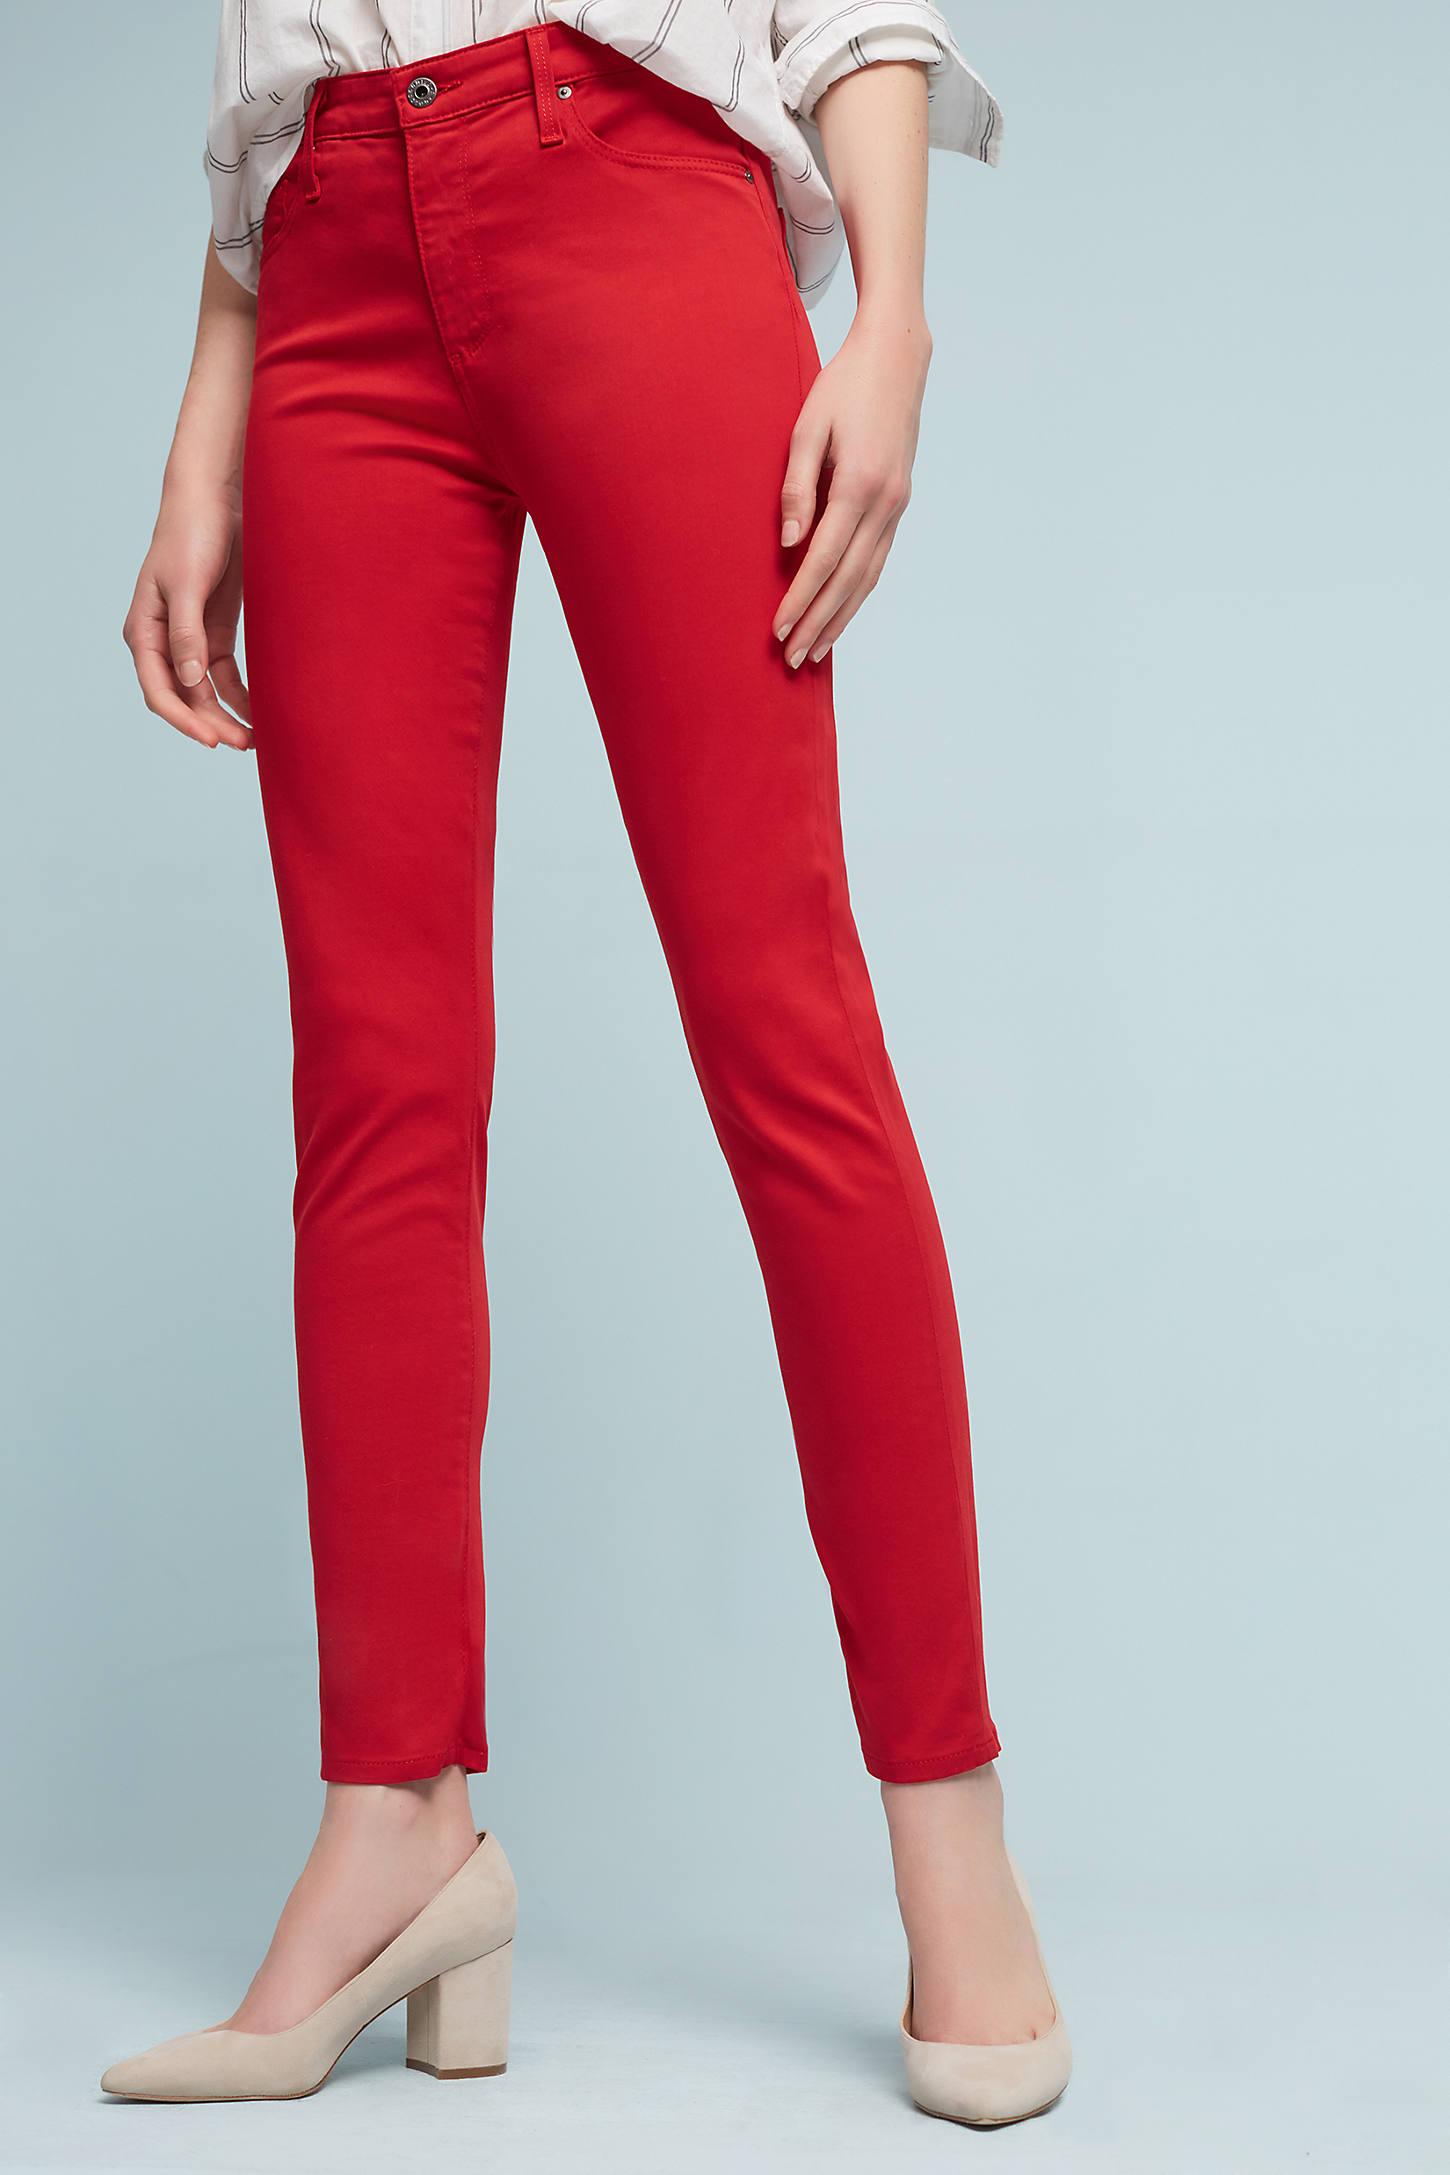 AG Farrah High-Rise Sateen Jeans